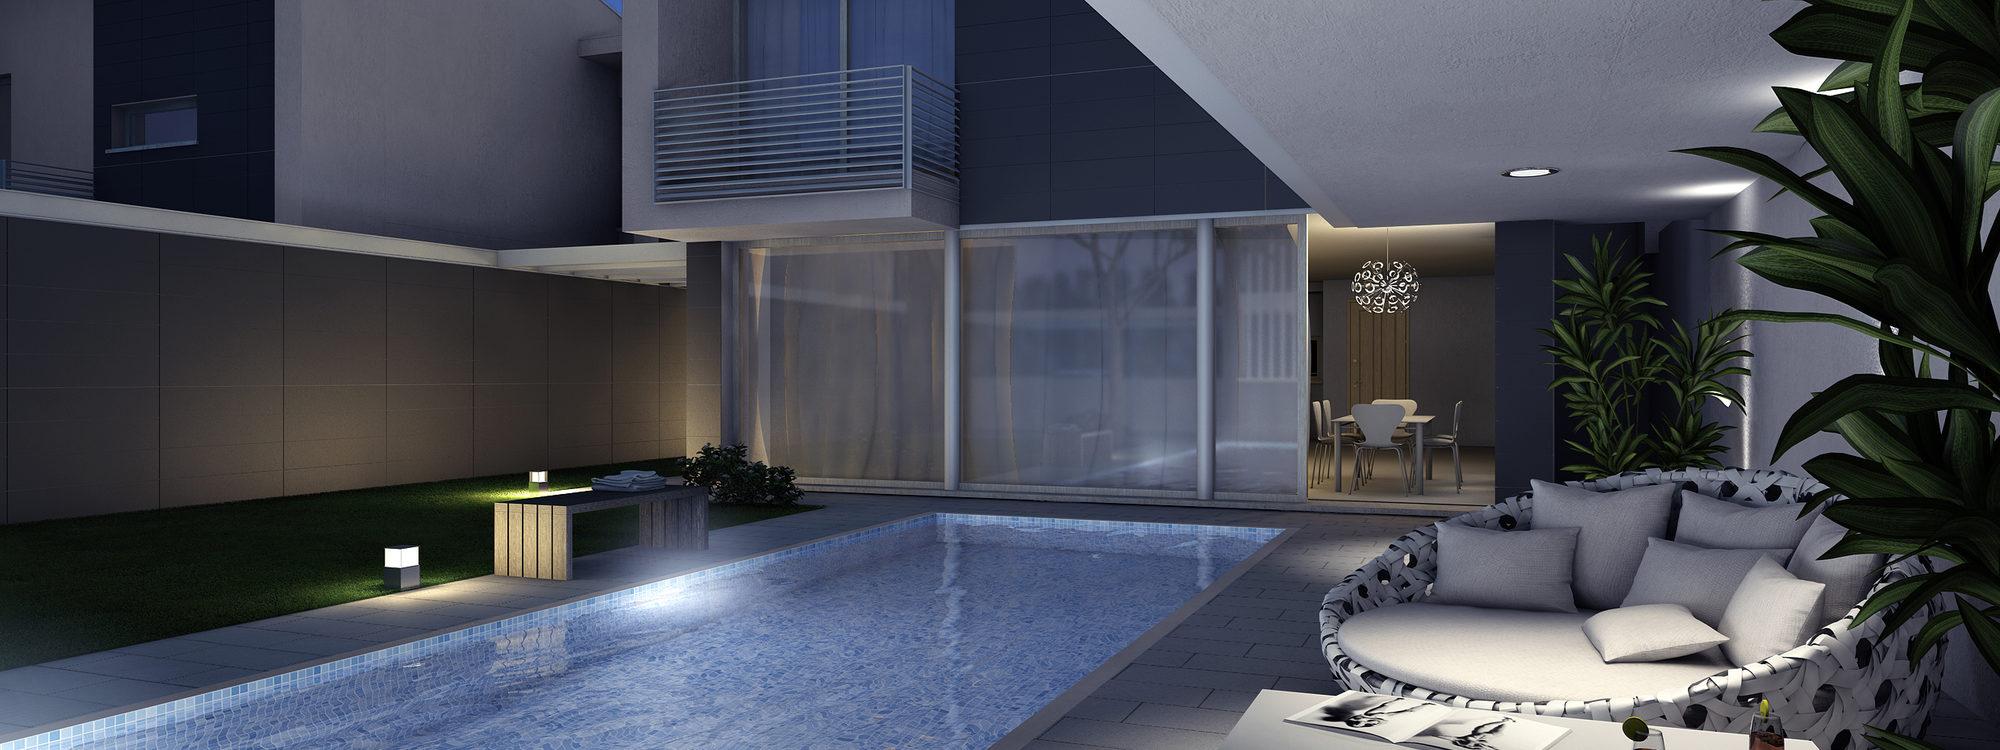 Concept living all'insegna del benessere e il relax: nuove ville con piscina a Vicenza